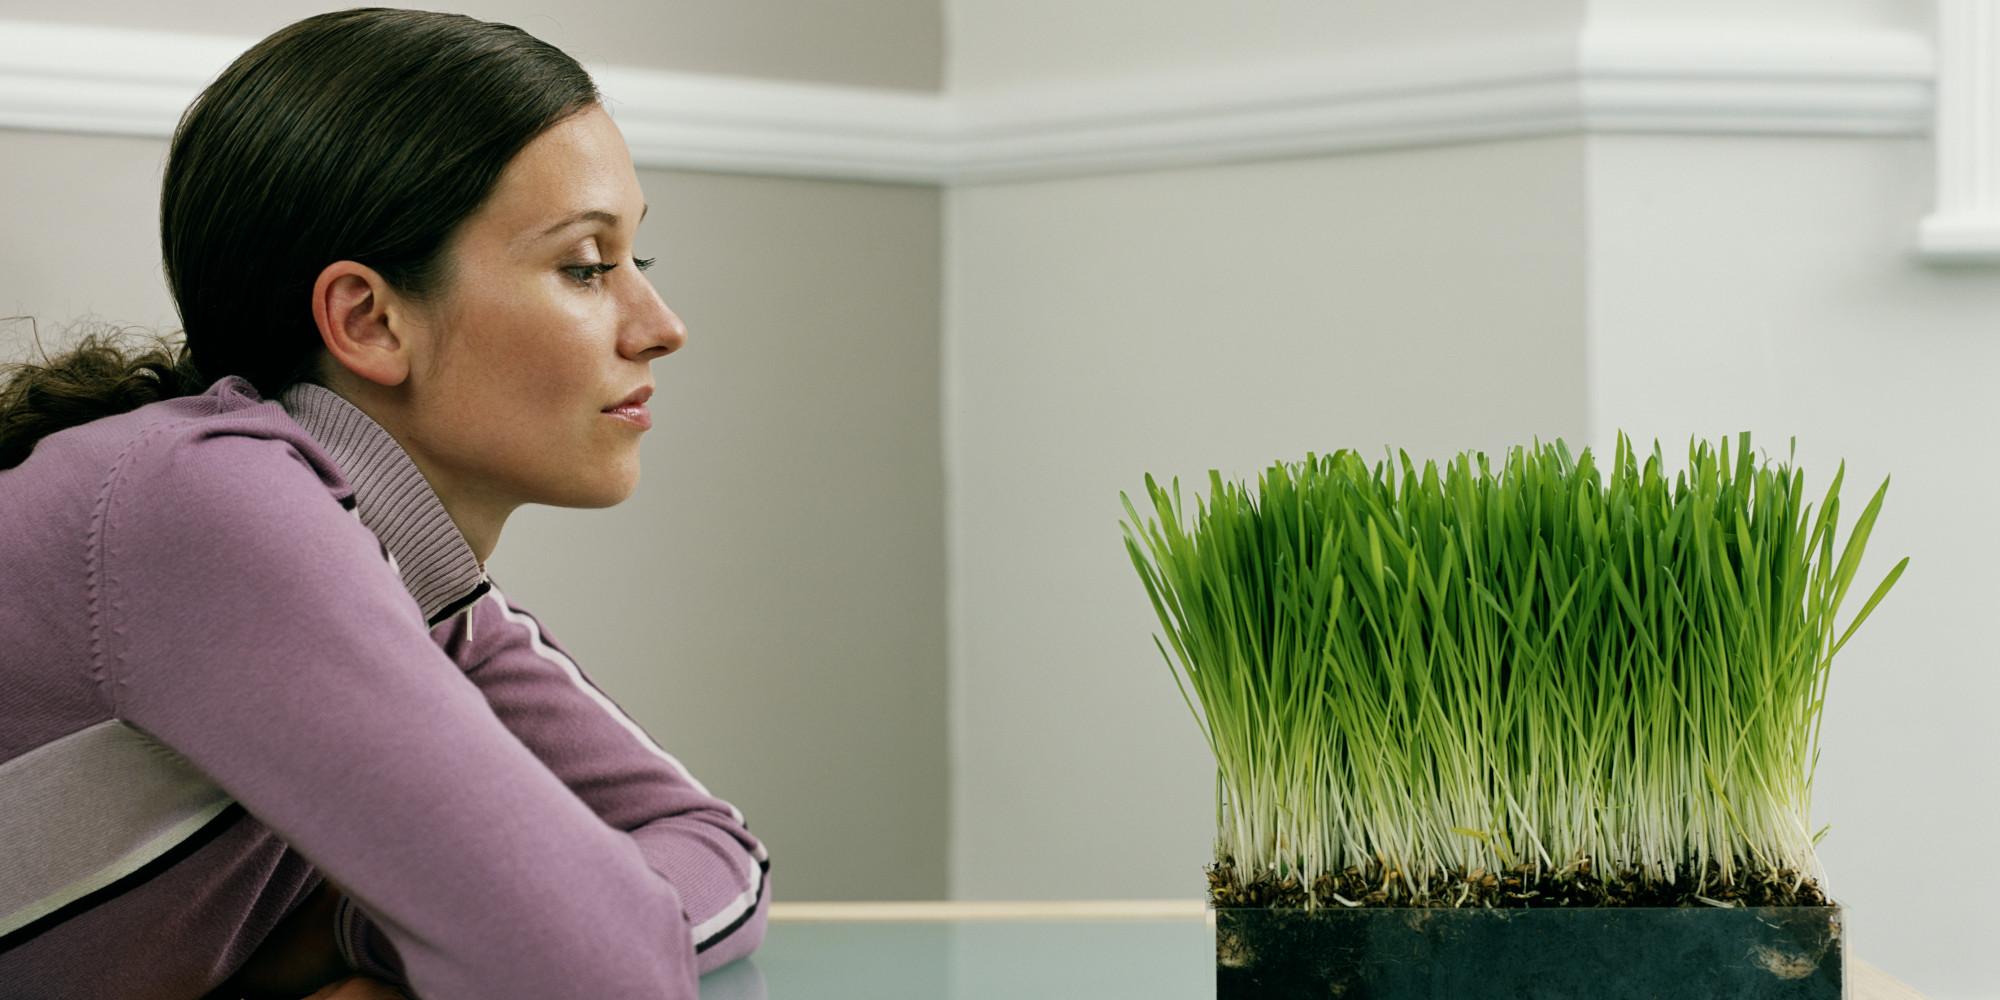 1. Watch Grass Grow